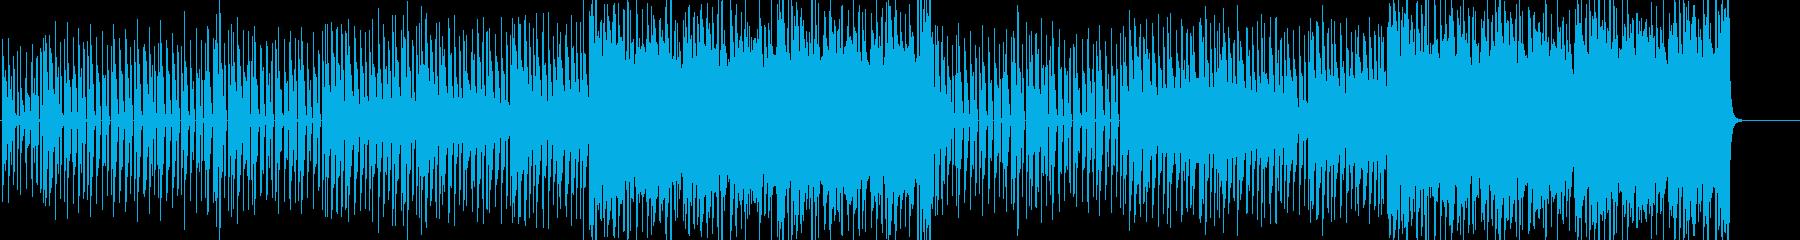 教則、解説動画等で使用できそうなBGMの再生済みの波形